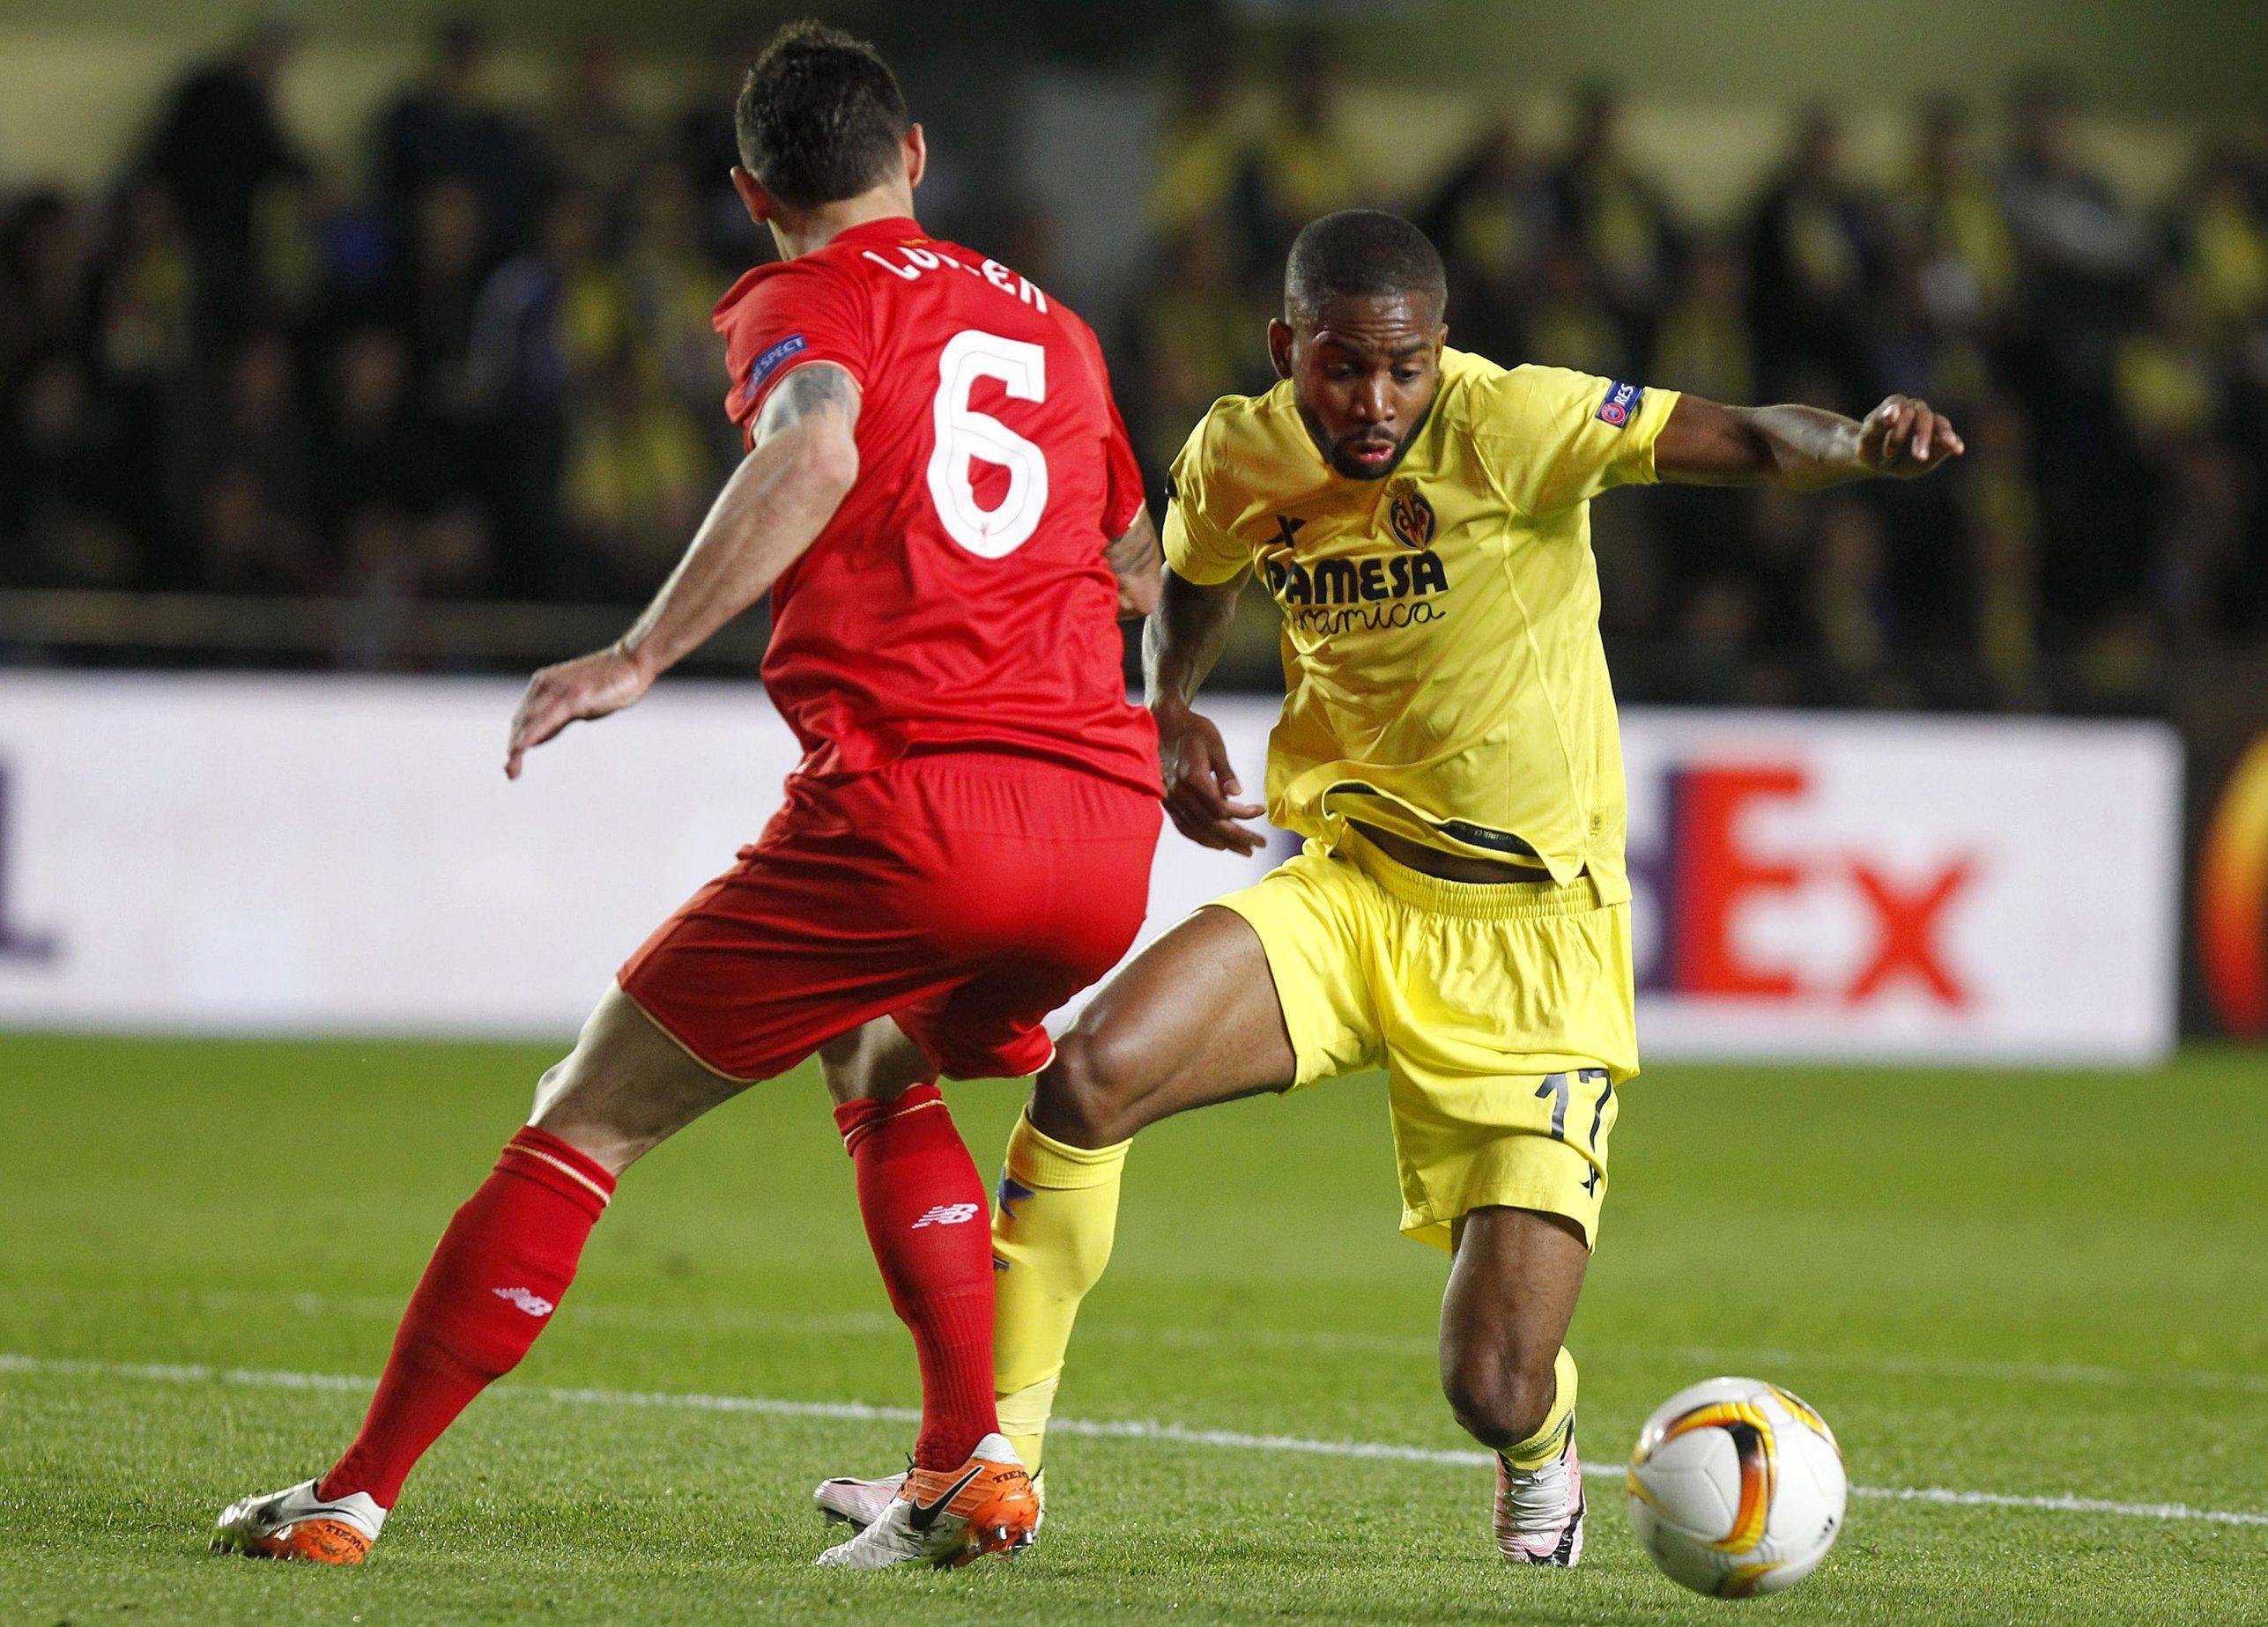 Villarreal bate Liverpool e Sevilha empata na Ucrânia nas meias-finais da Liga Europa